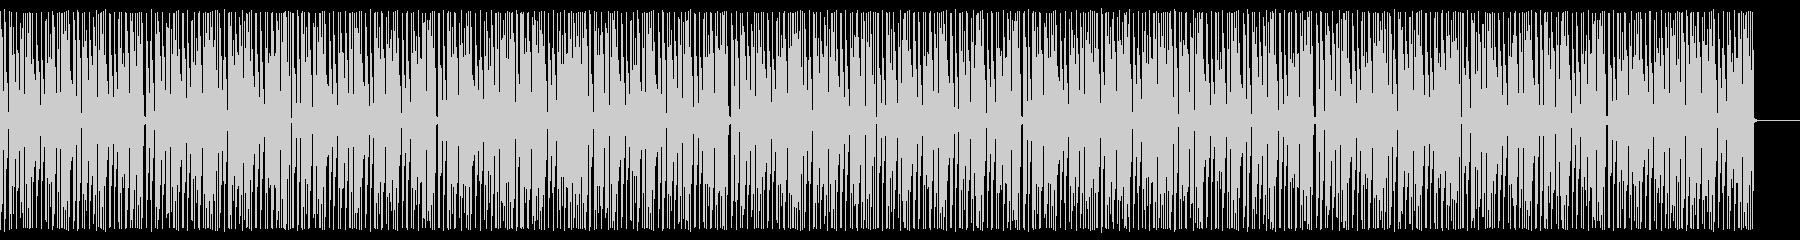 ほのぼのCM系BGM(マリンバ)の未再生の波形